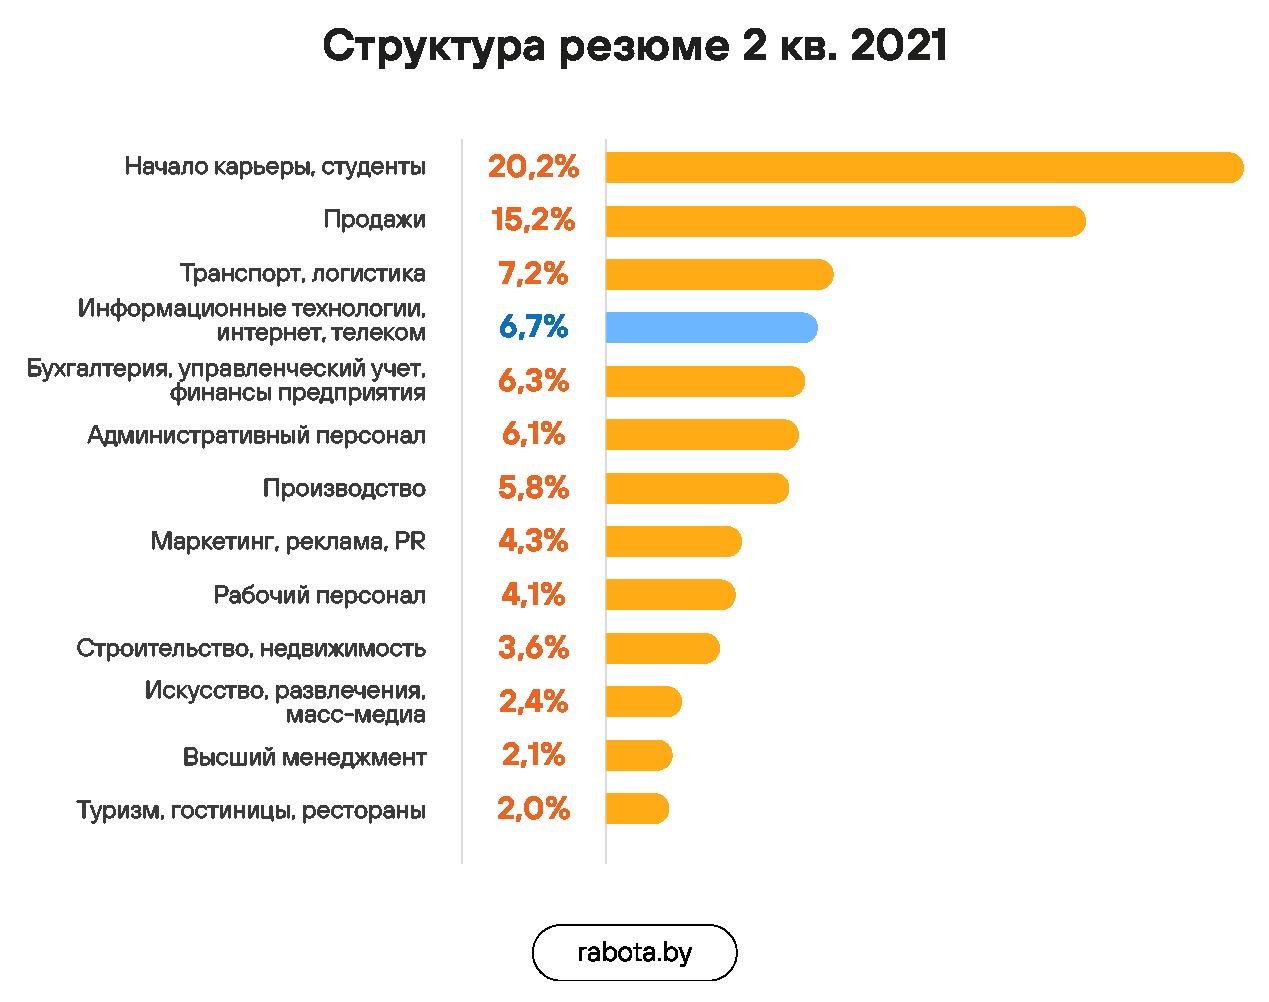 Рынок труда в ИТ во 2 квартале 2021: позитивная динамика